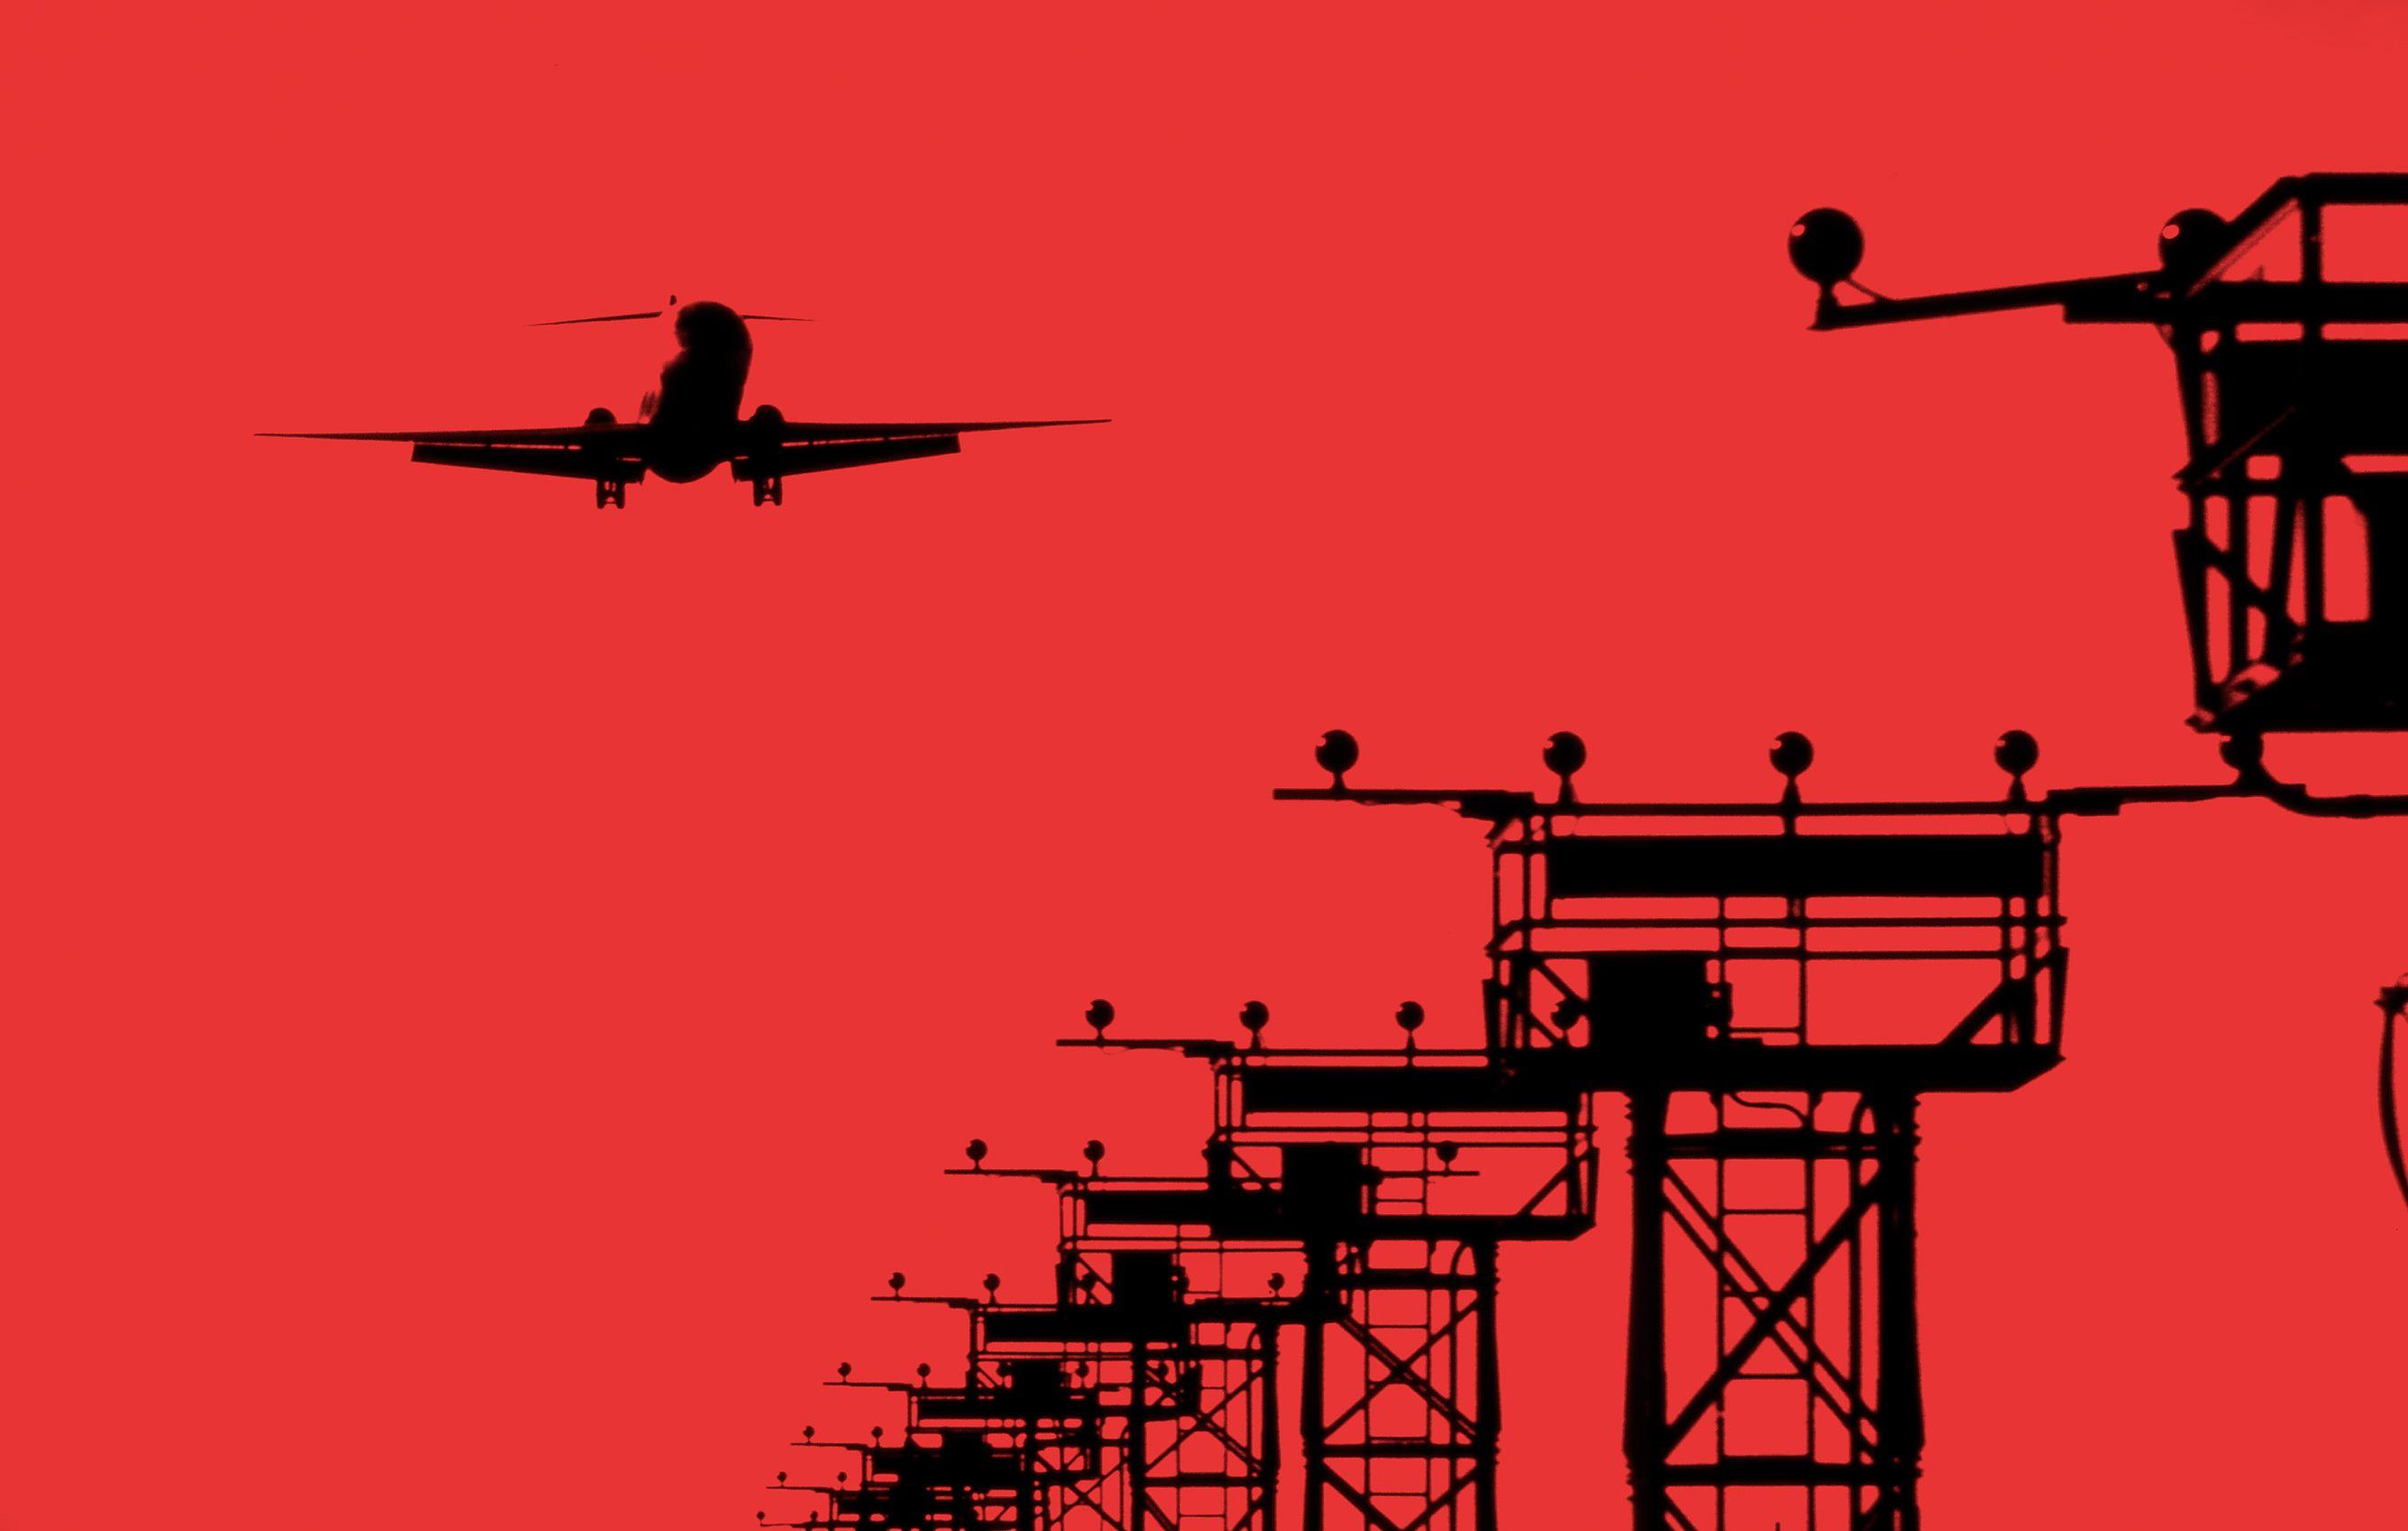 red_plane.jpg